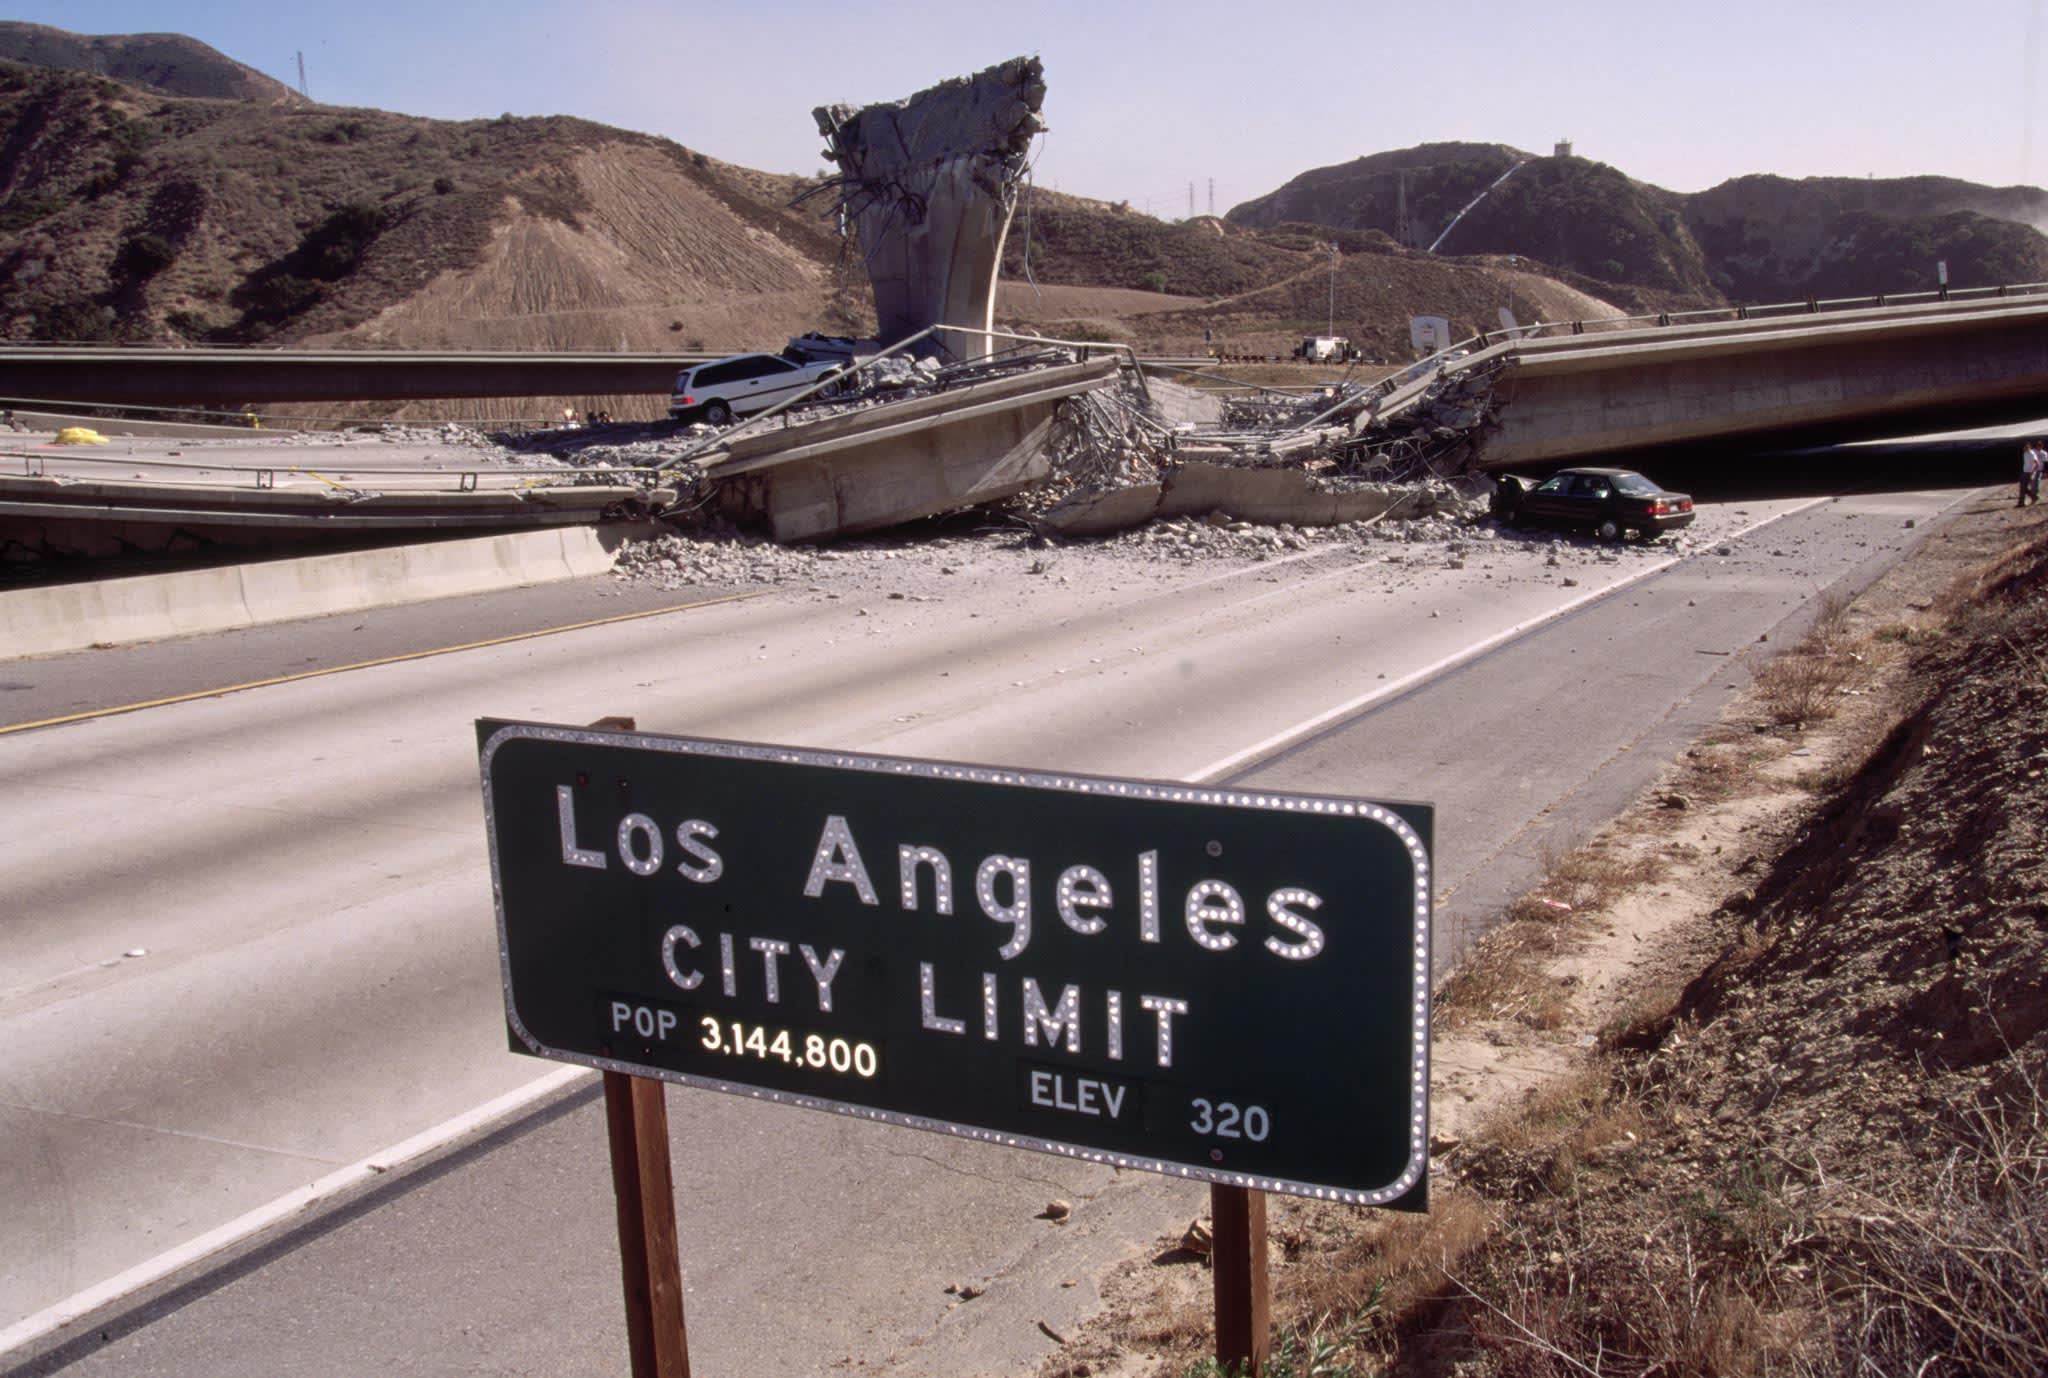 Gran terremoto de Los Ángeles: La falla de San Andrés tiene un gemelo diabólico y oculto